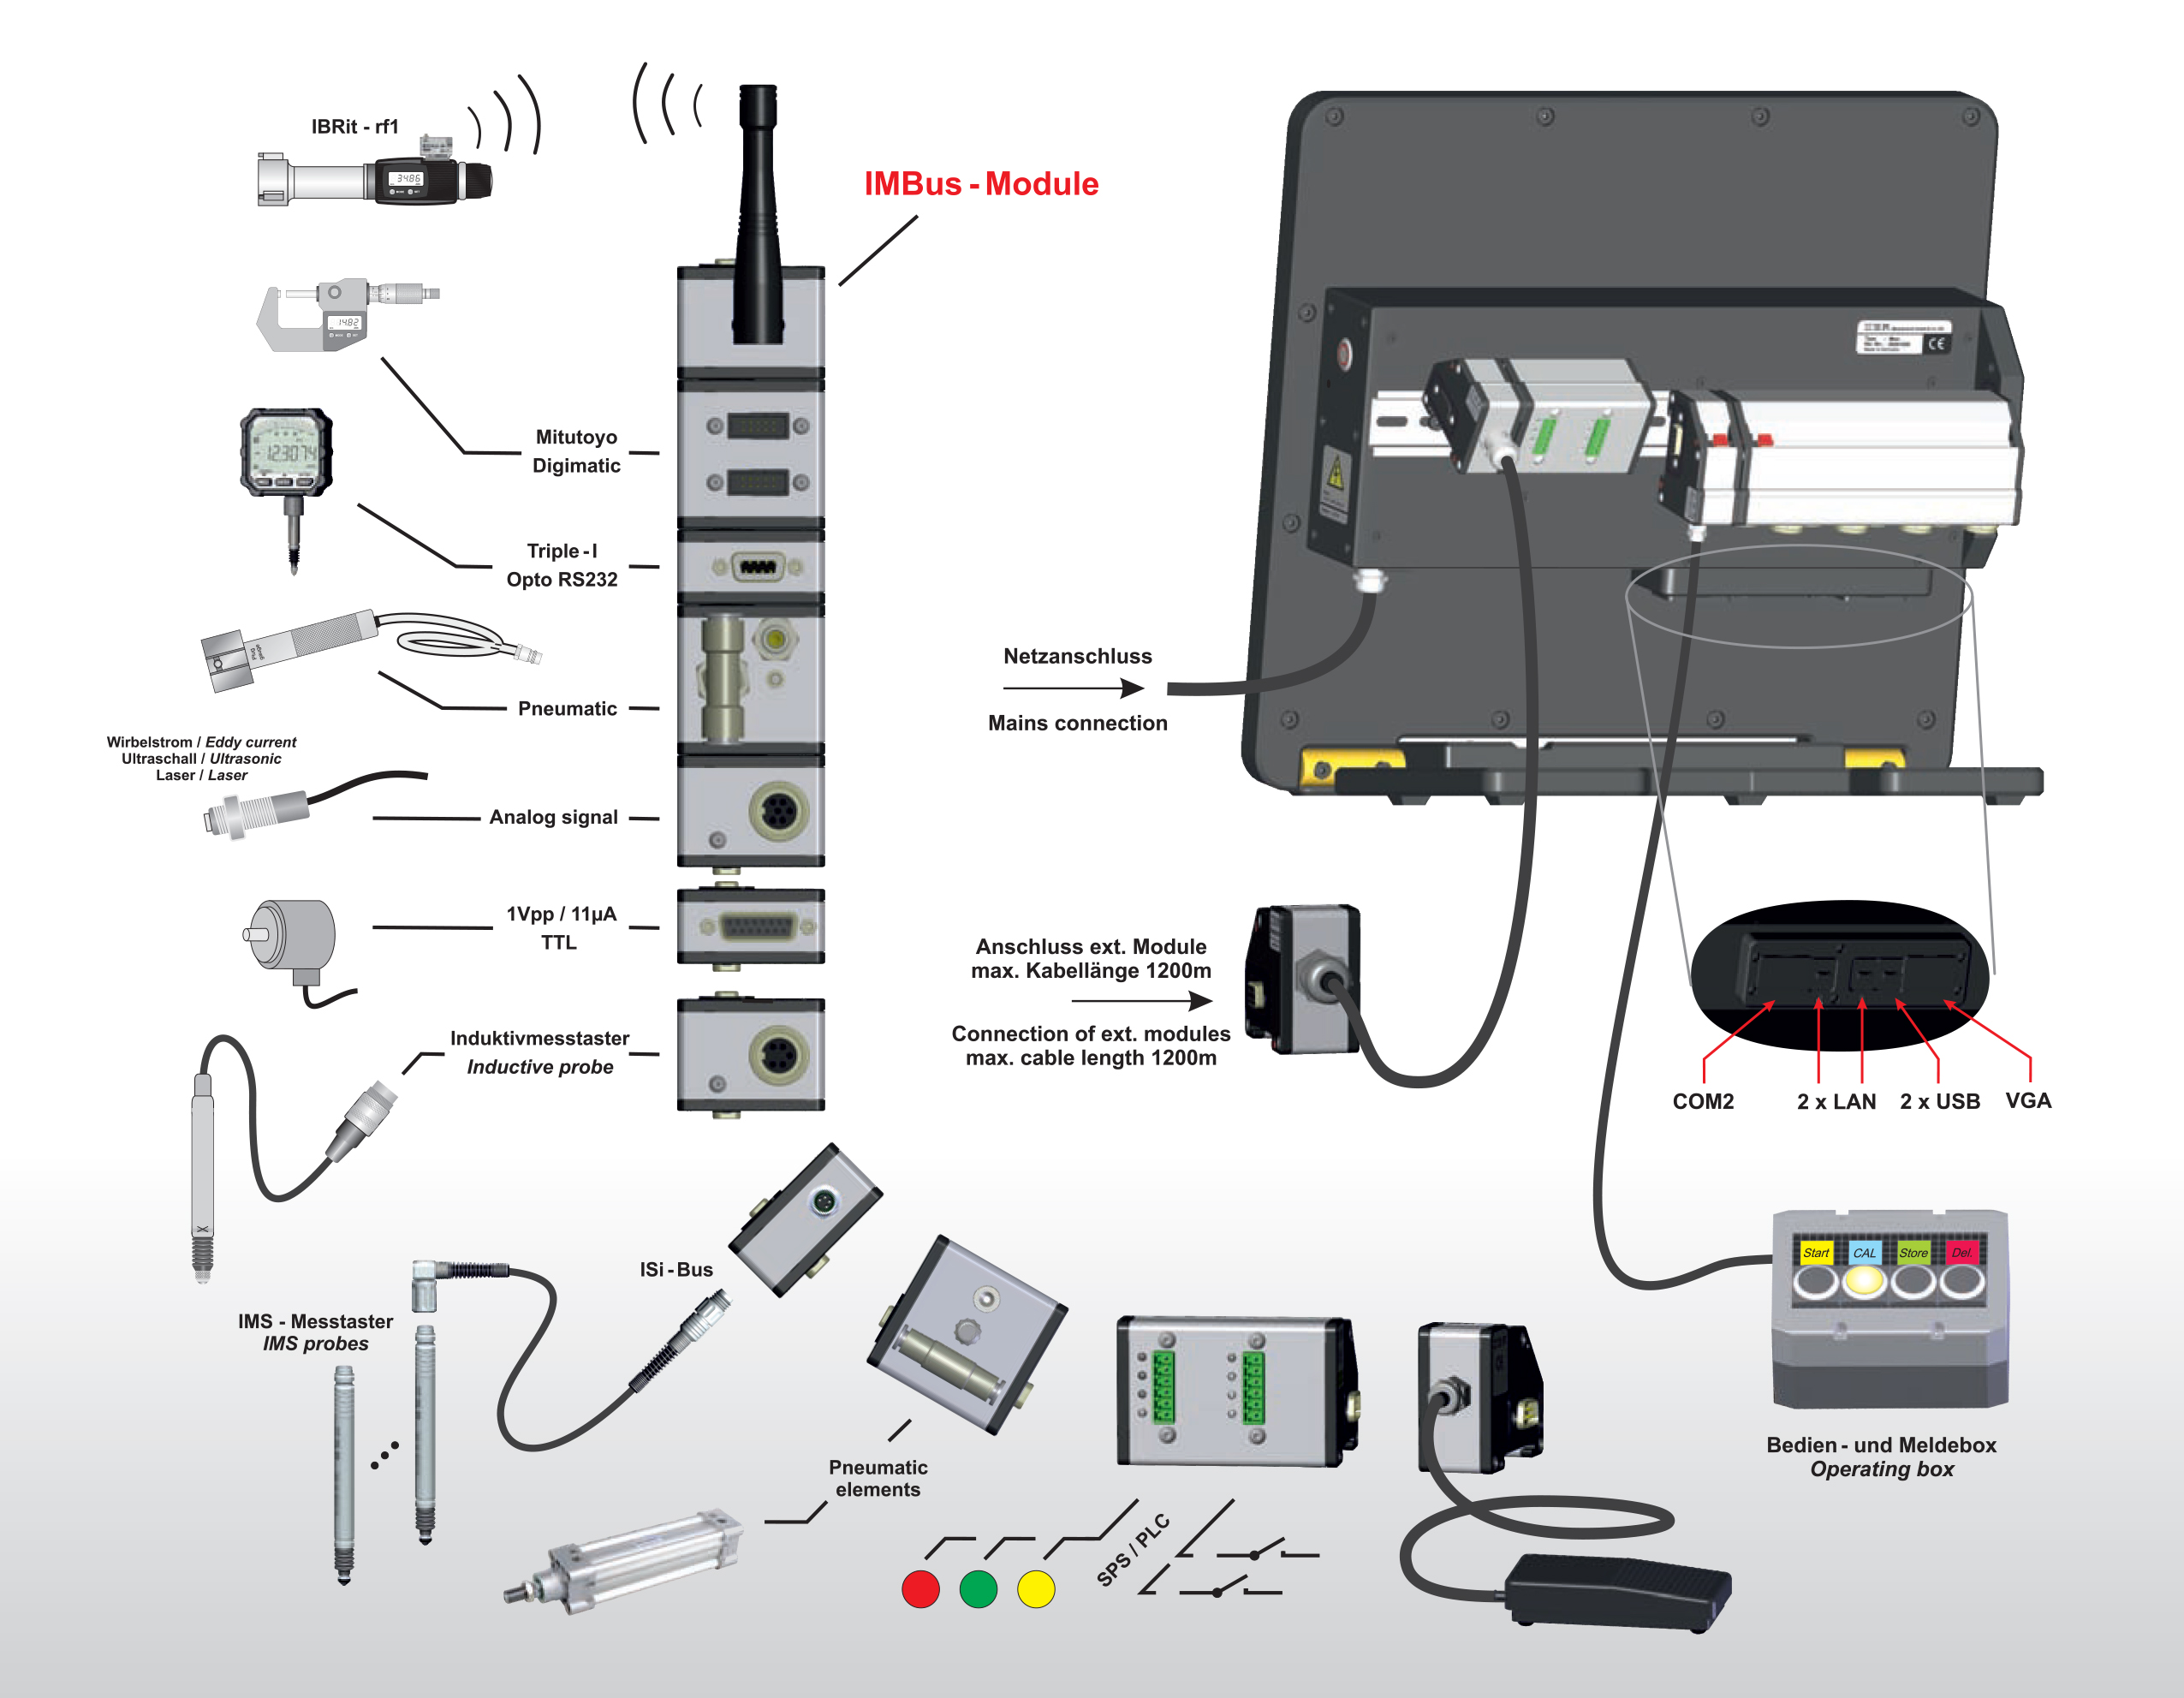 Ibr Interfacce modulari per strumenti di misura